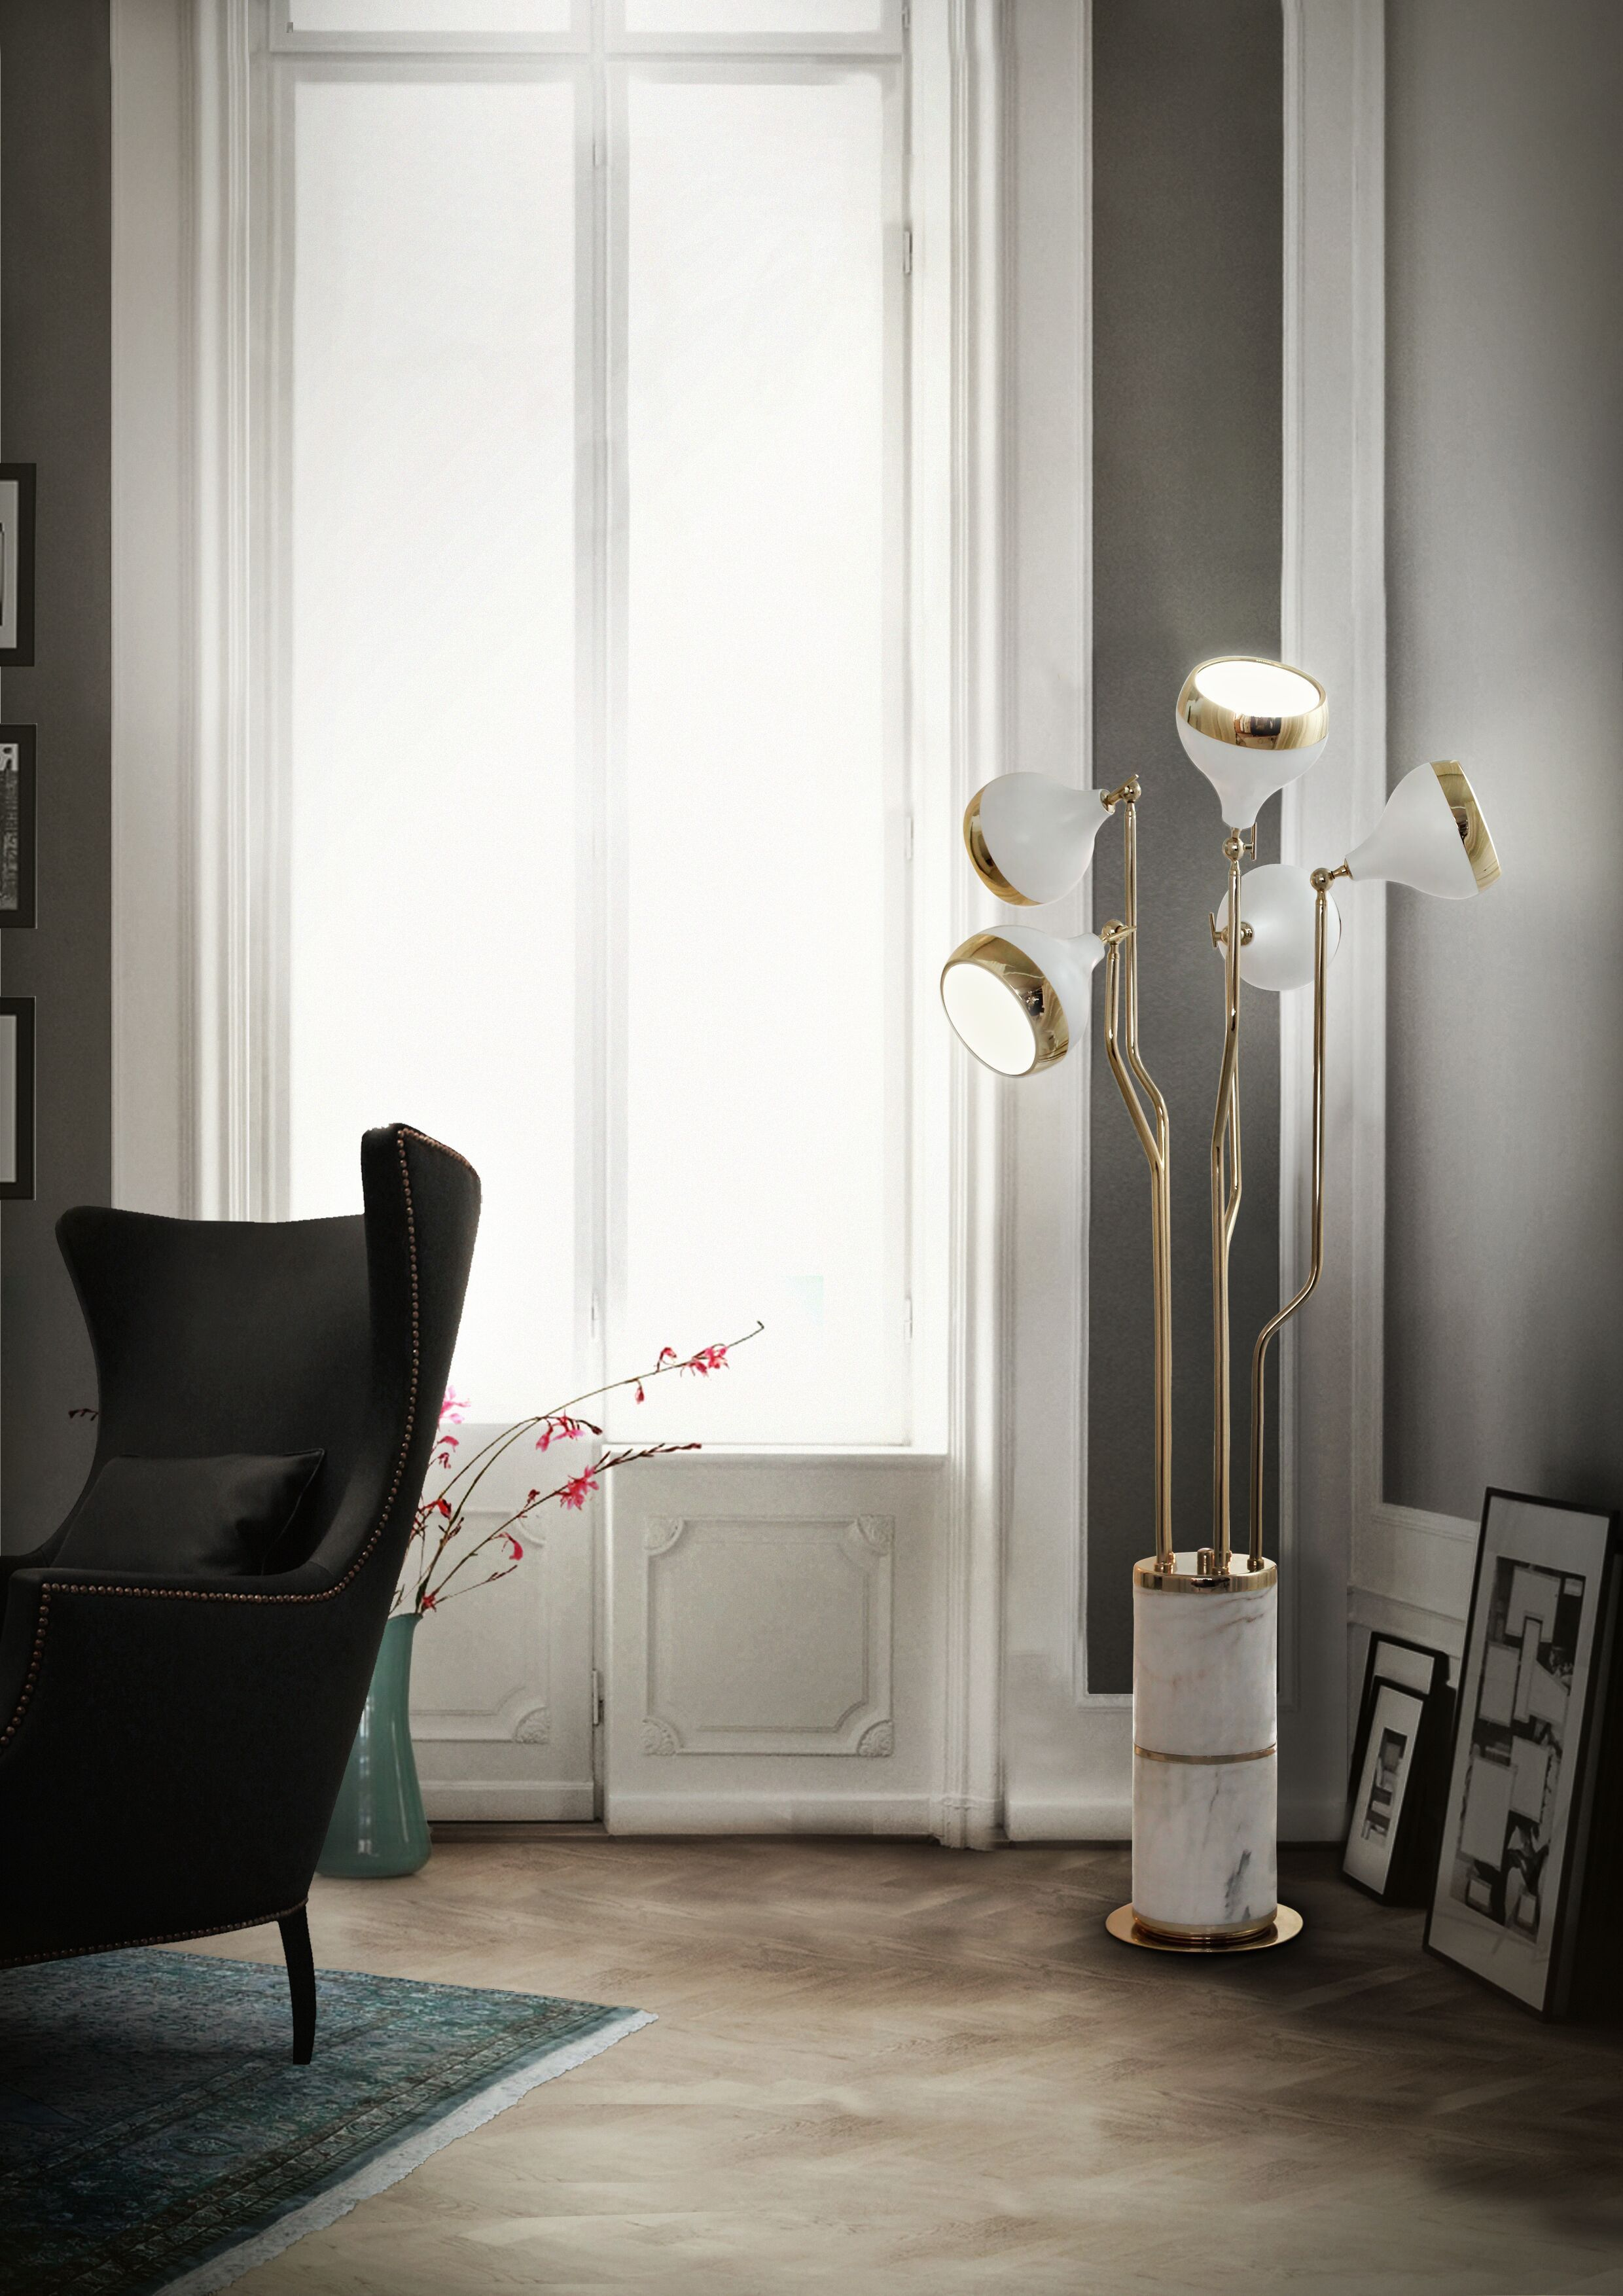 Wohnzimmer luxus wohnzimmer samt sofa messing couchtisch www